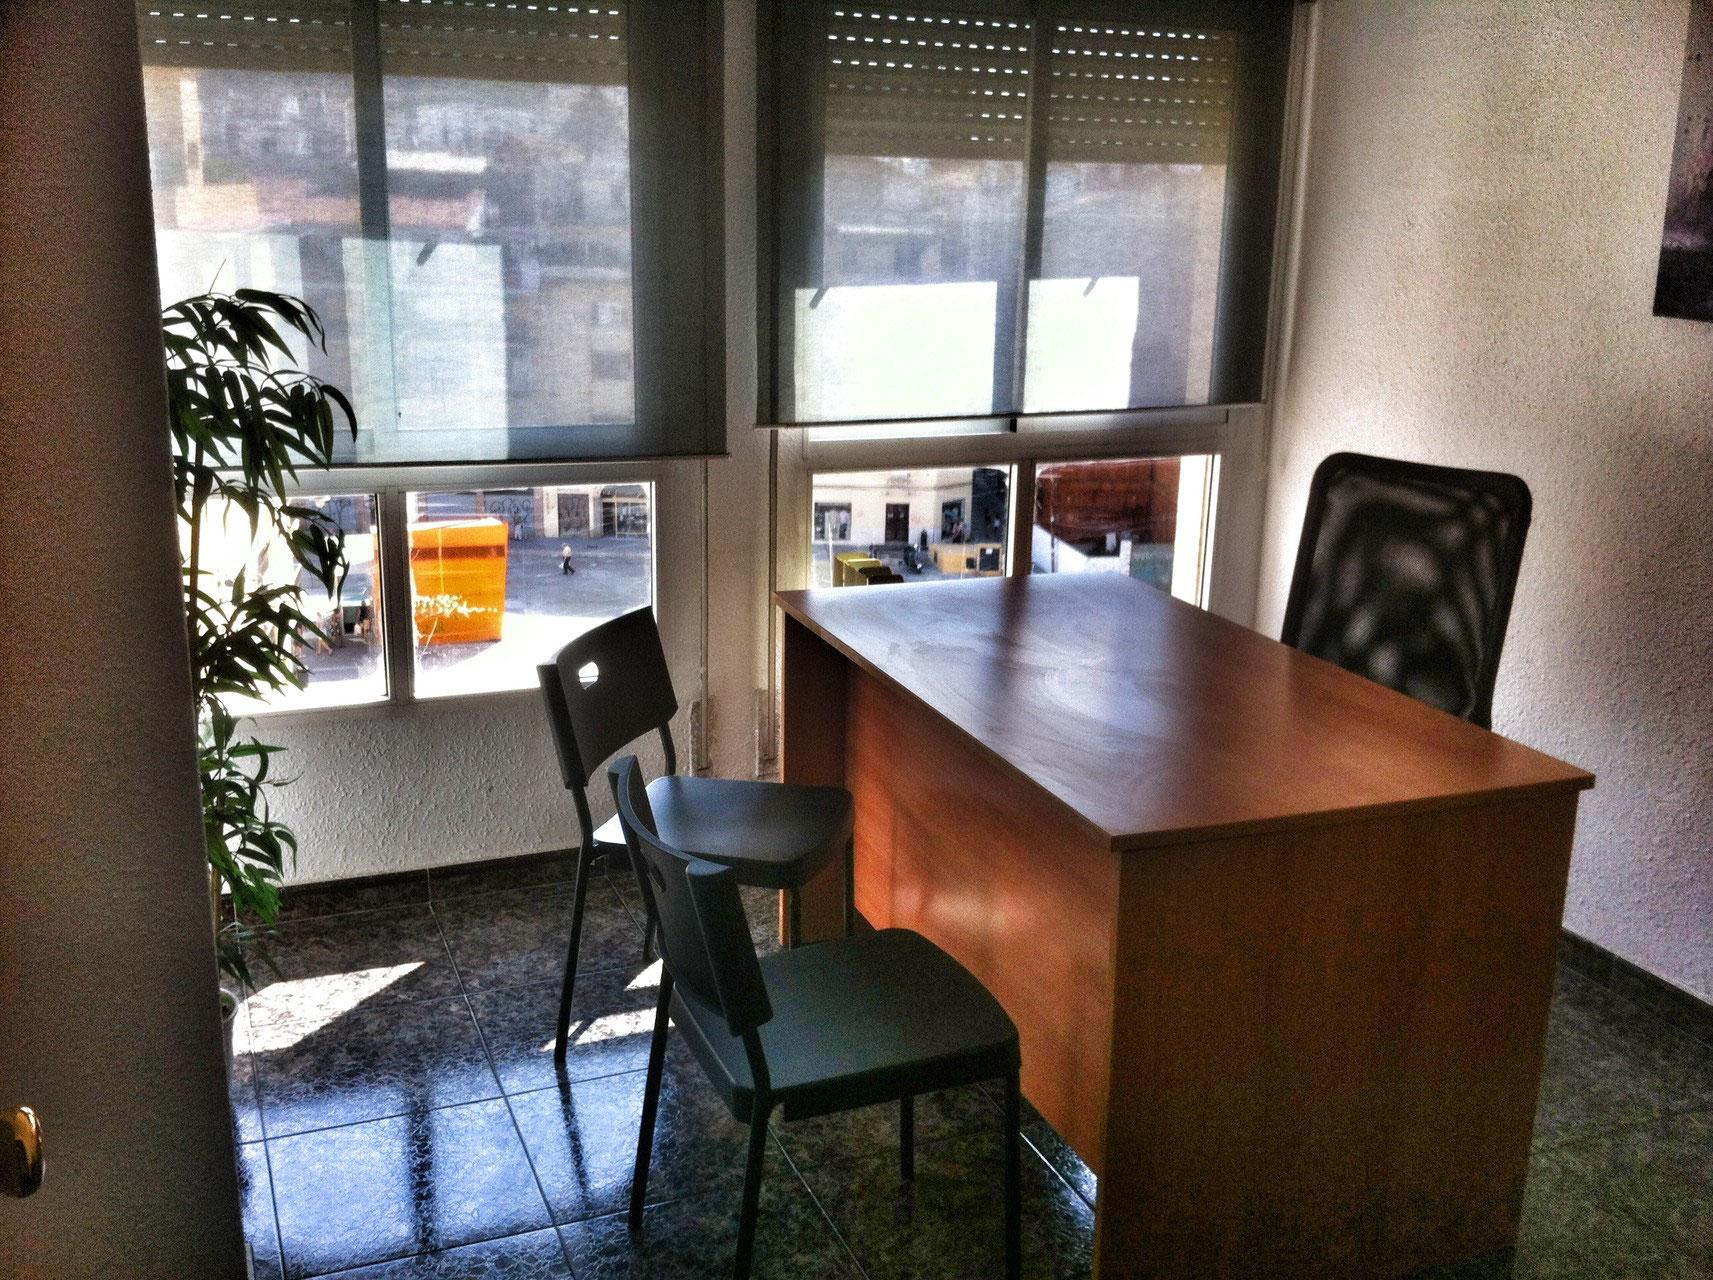 Centro malaga c pllo santa isabel alquiler oficinas en malaga - Alquiler oficinas malaga ...